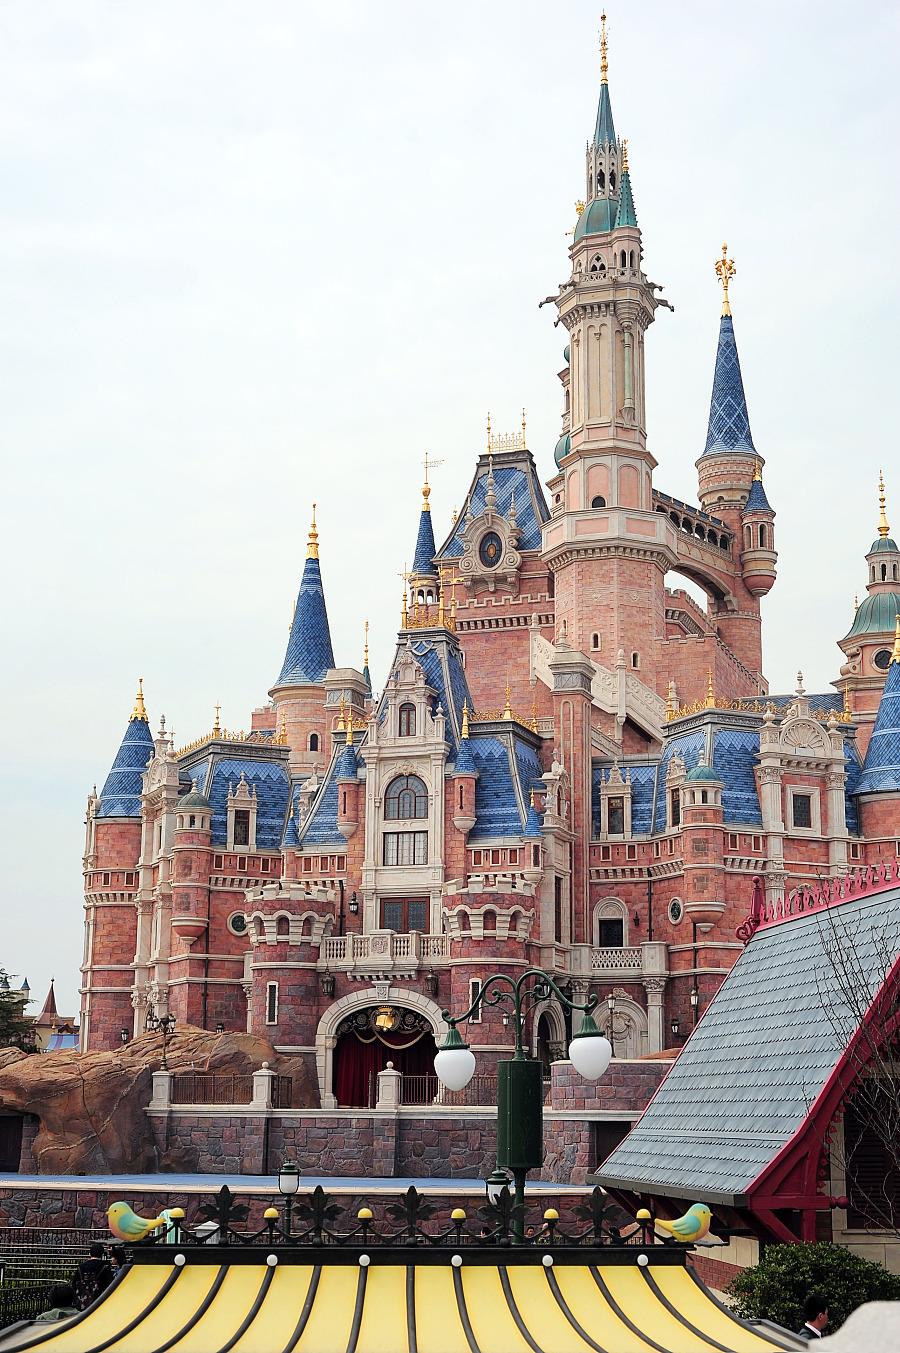 迪士尼城堡加勒比海盗船